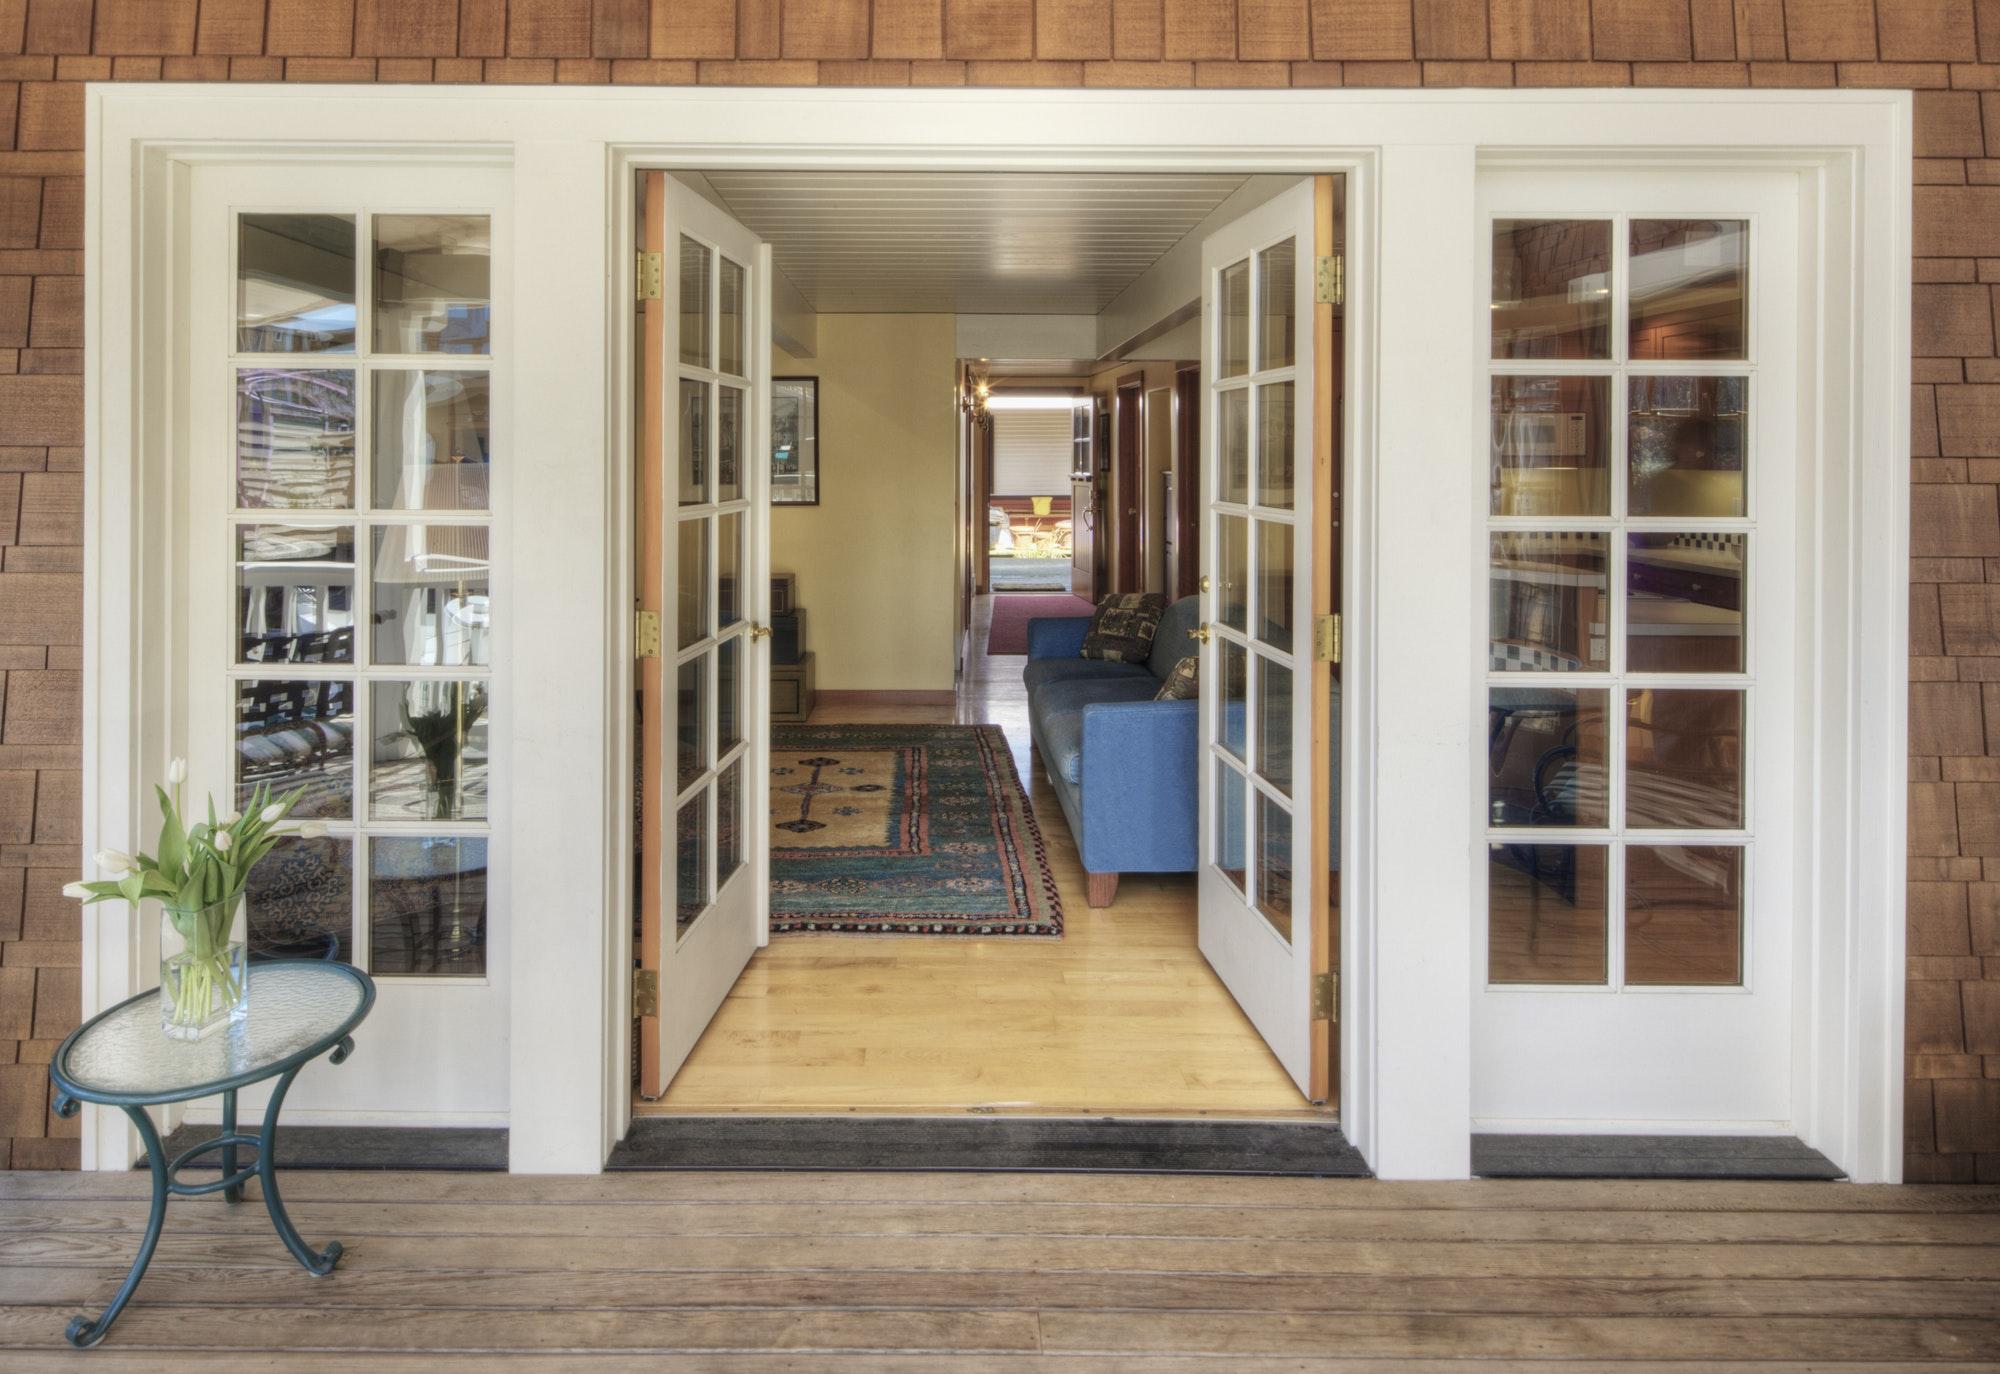 54476,Glass doors on wooden patio